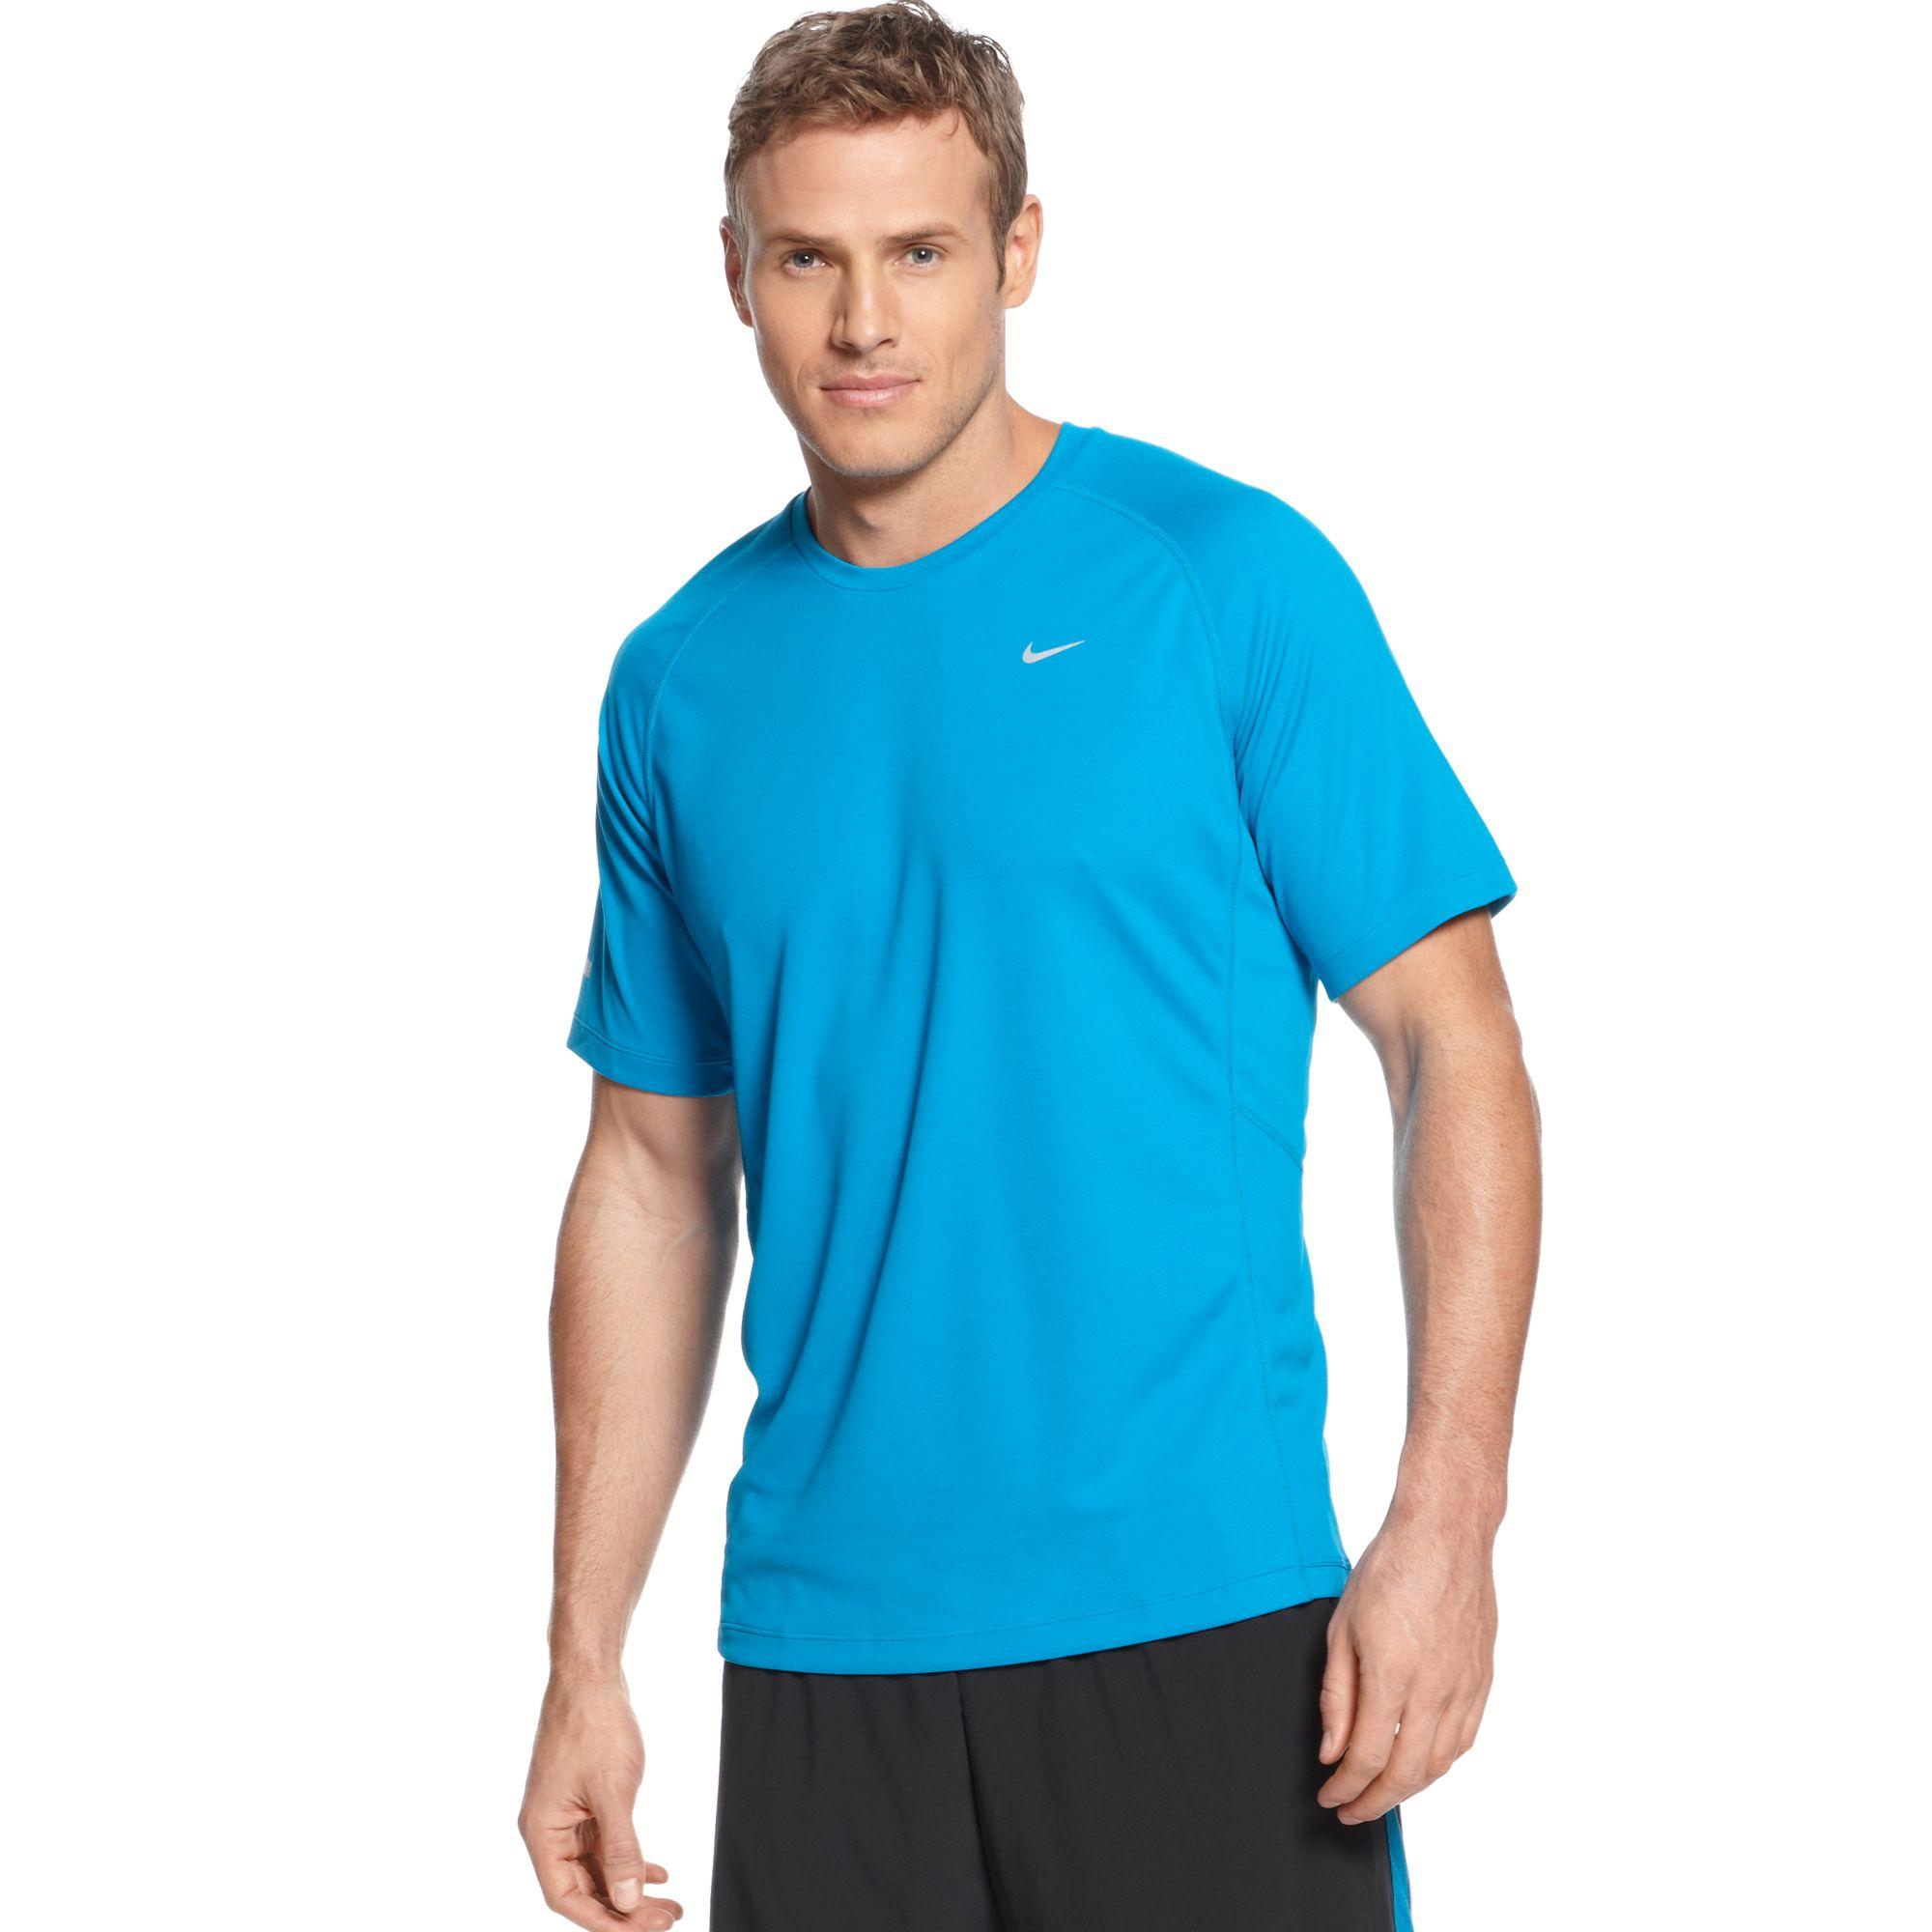 Nike Miler Short Sleeve Uv Running Tshirt In Blue For Men